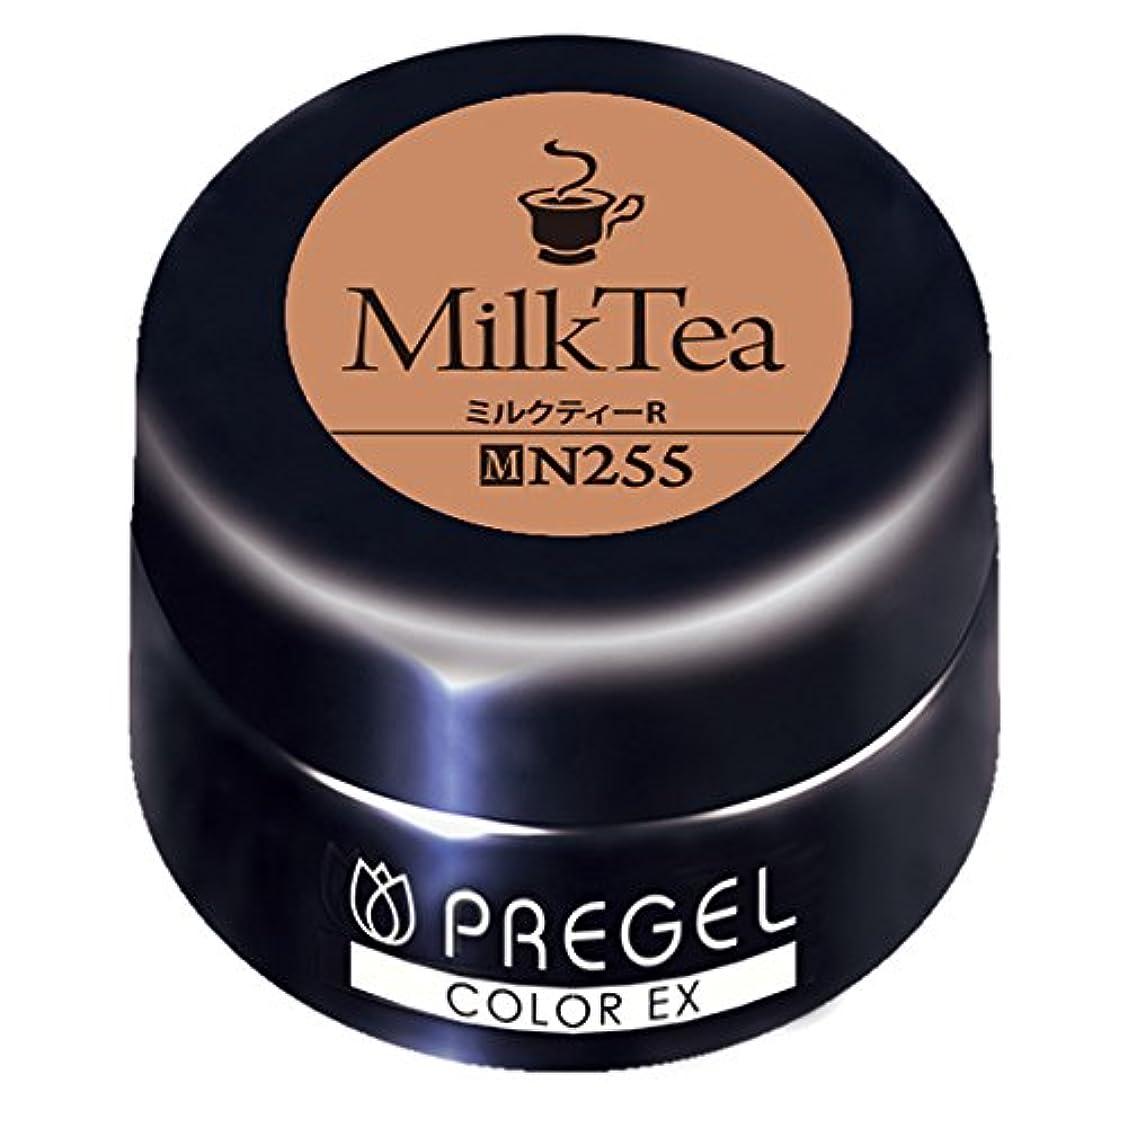 裁判官魅惑的な姿勢PRE GEL カラージェル カラーEX ミルクティー R255 3g UV/LED対応タイオウ